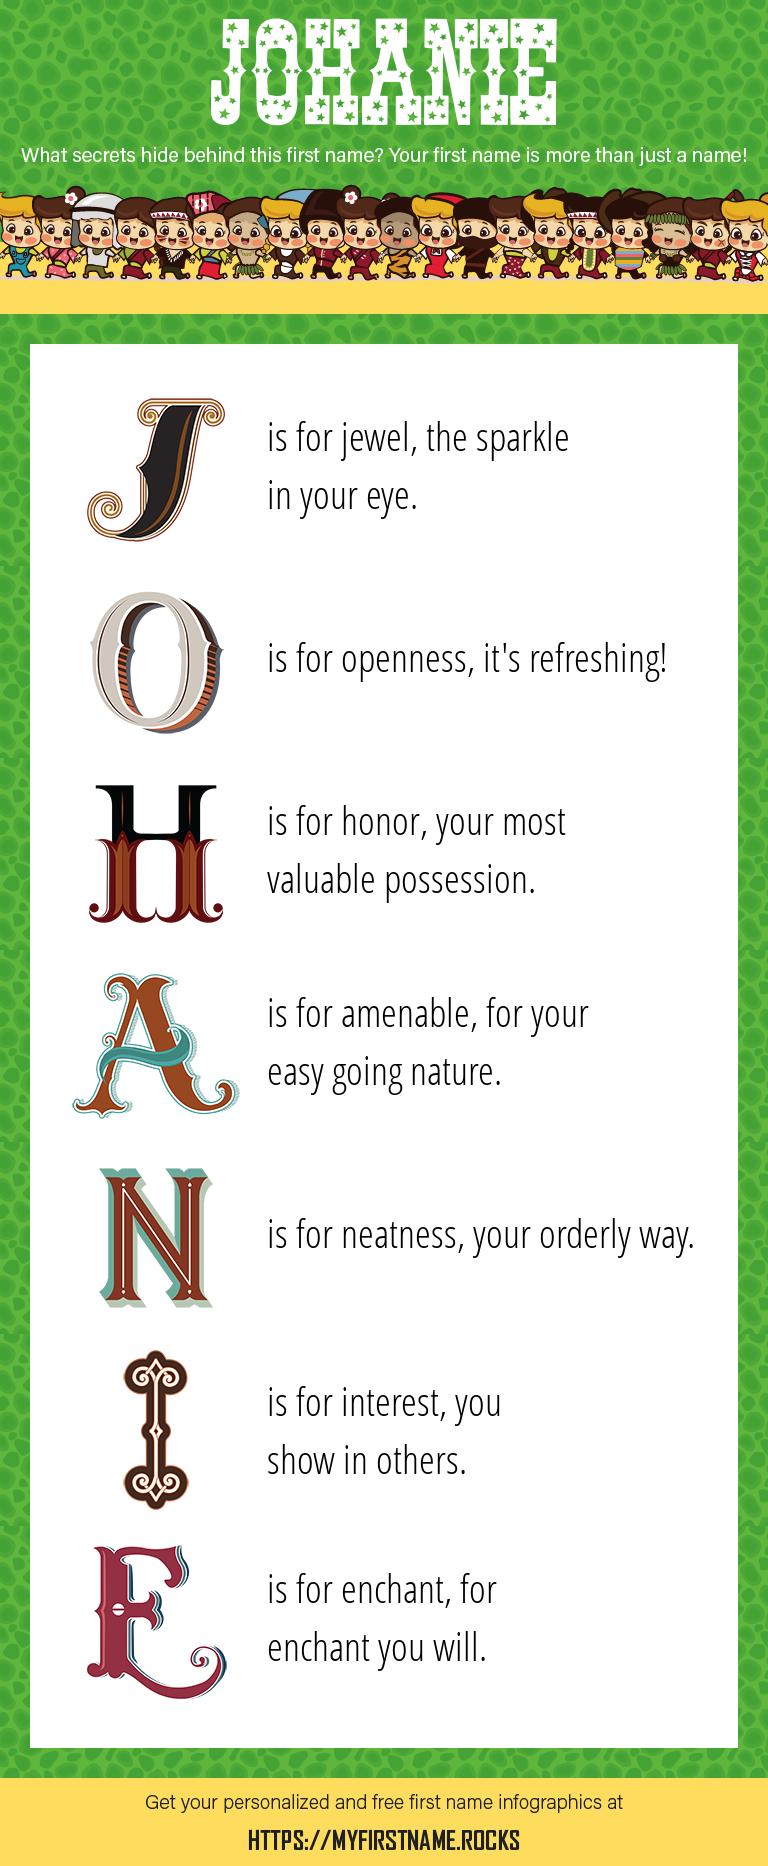 Johanie Infographics